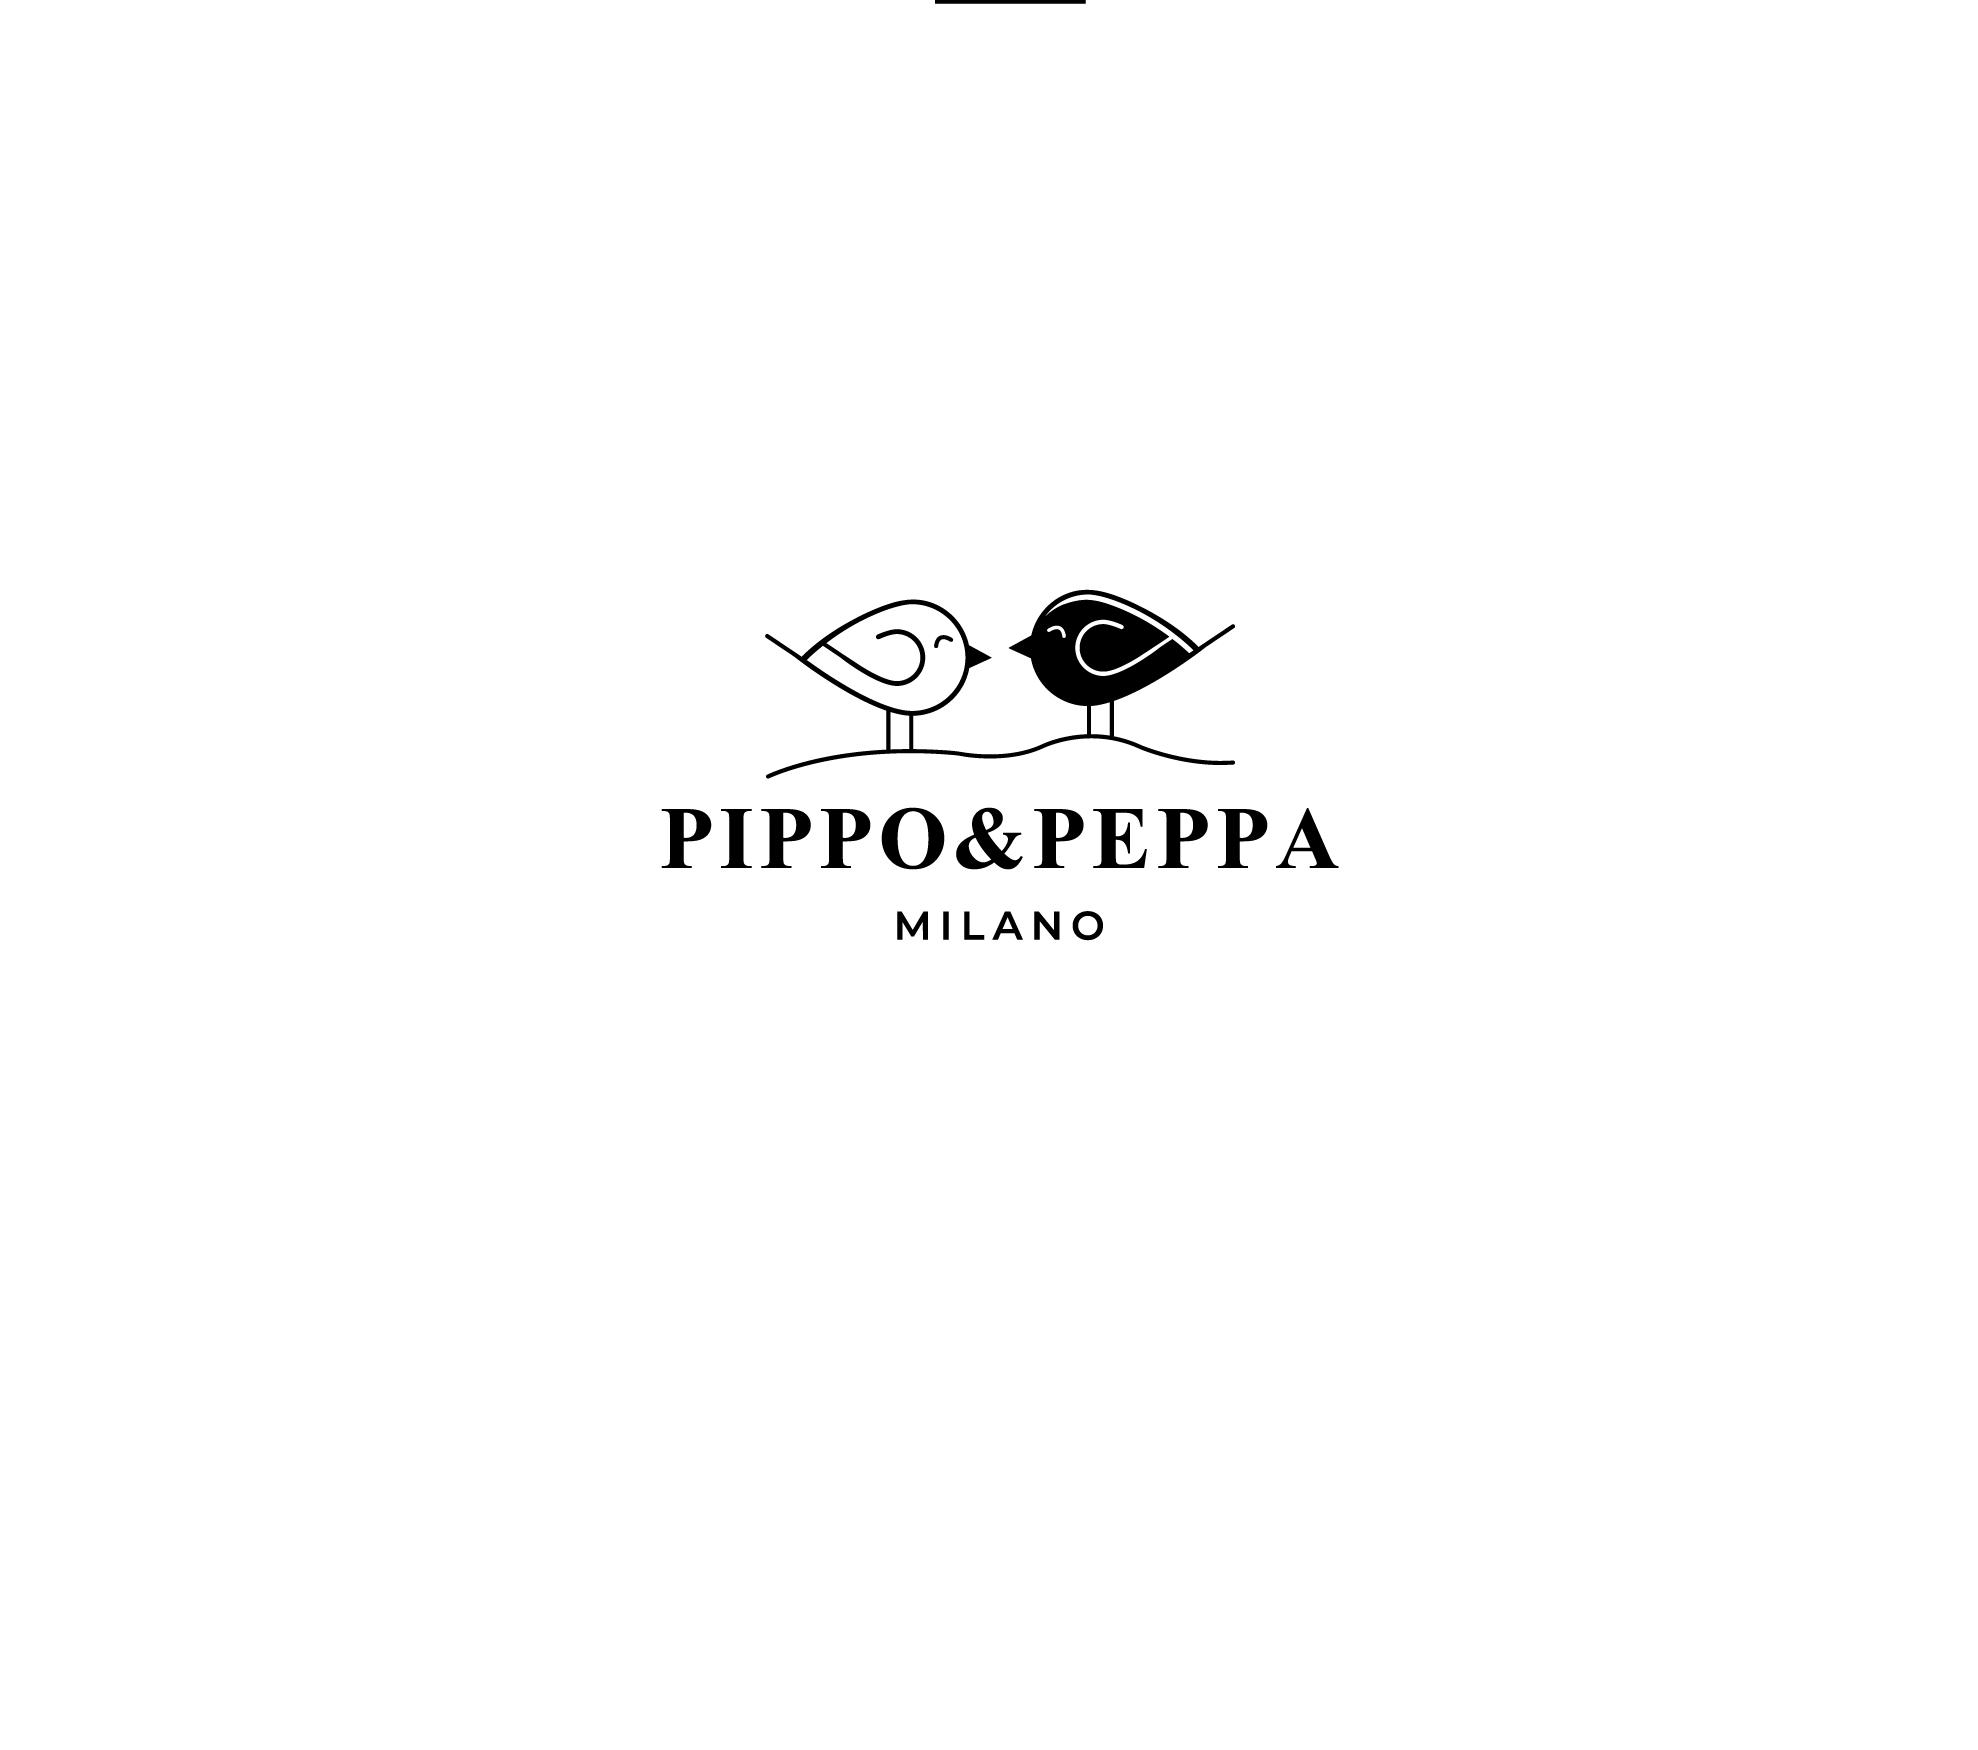 PIPPO&PEPPA